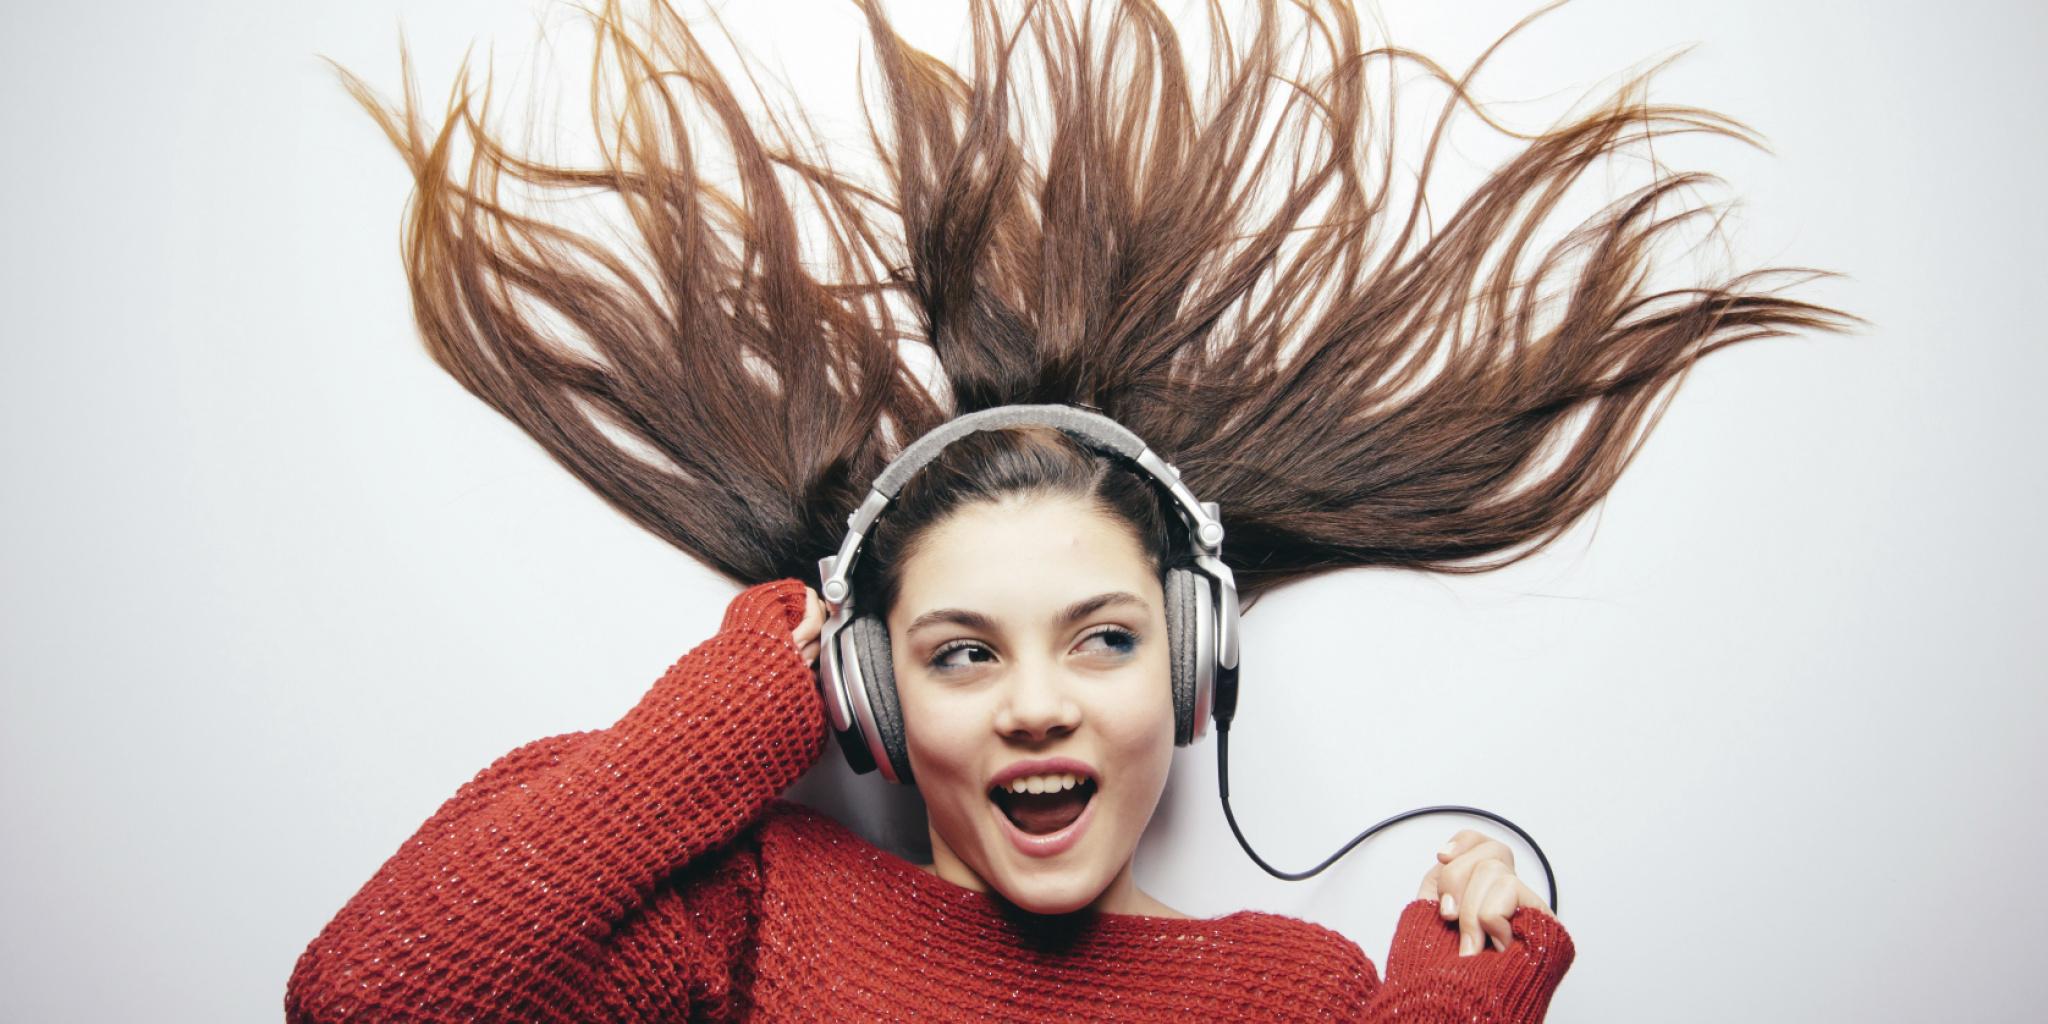 Écouter de la musique: qu'est-ce que cela nous apporte de positif ?